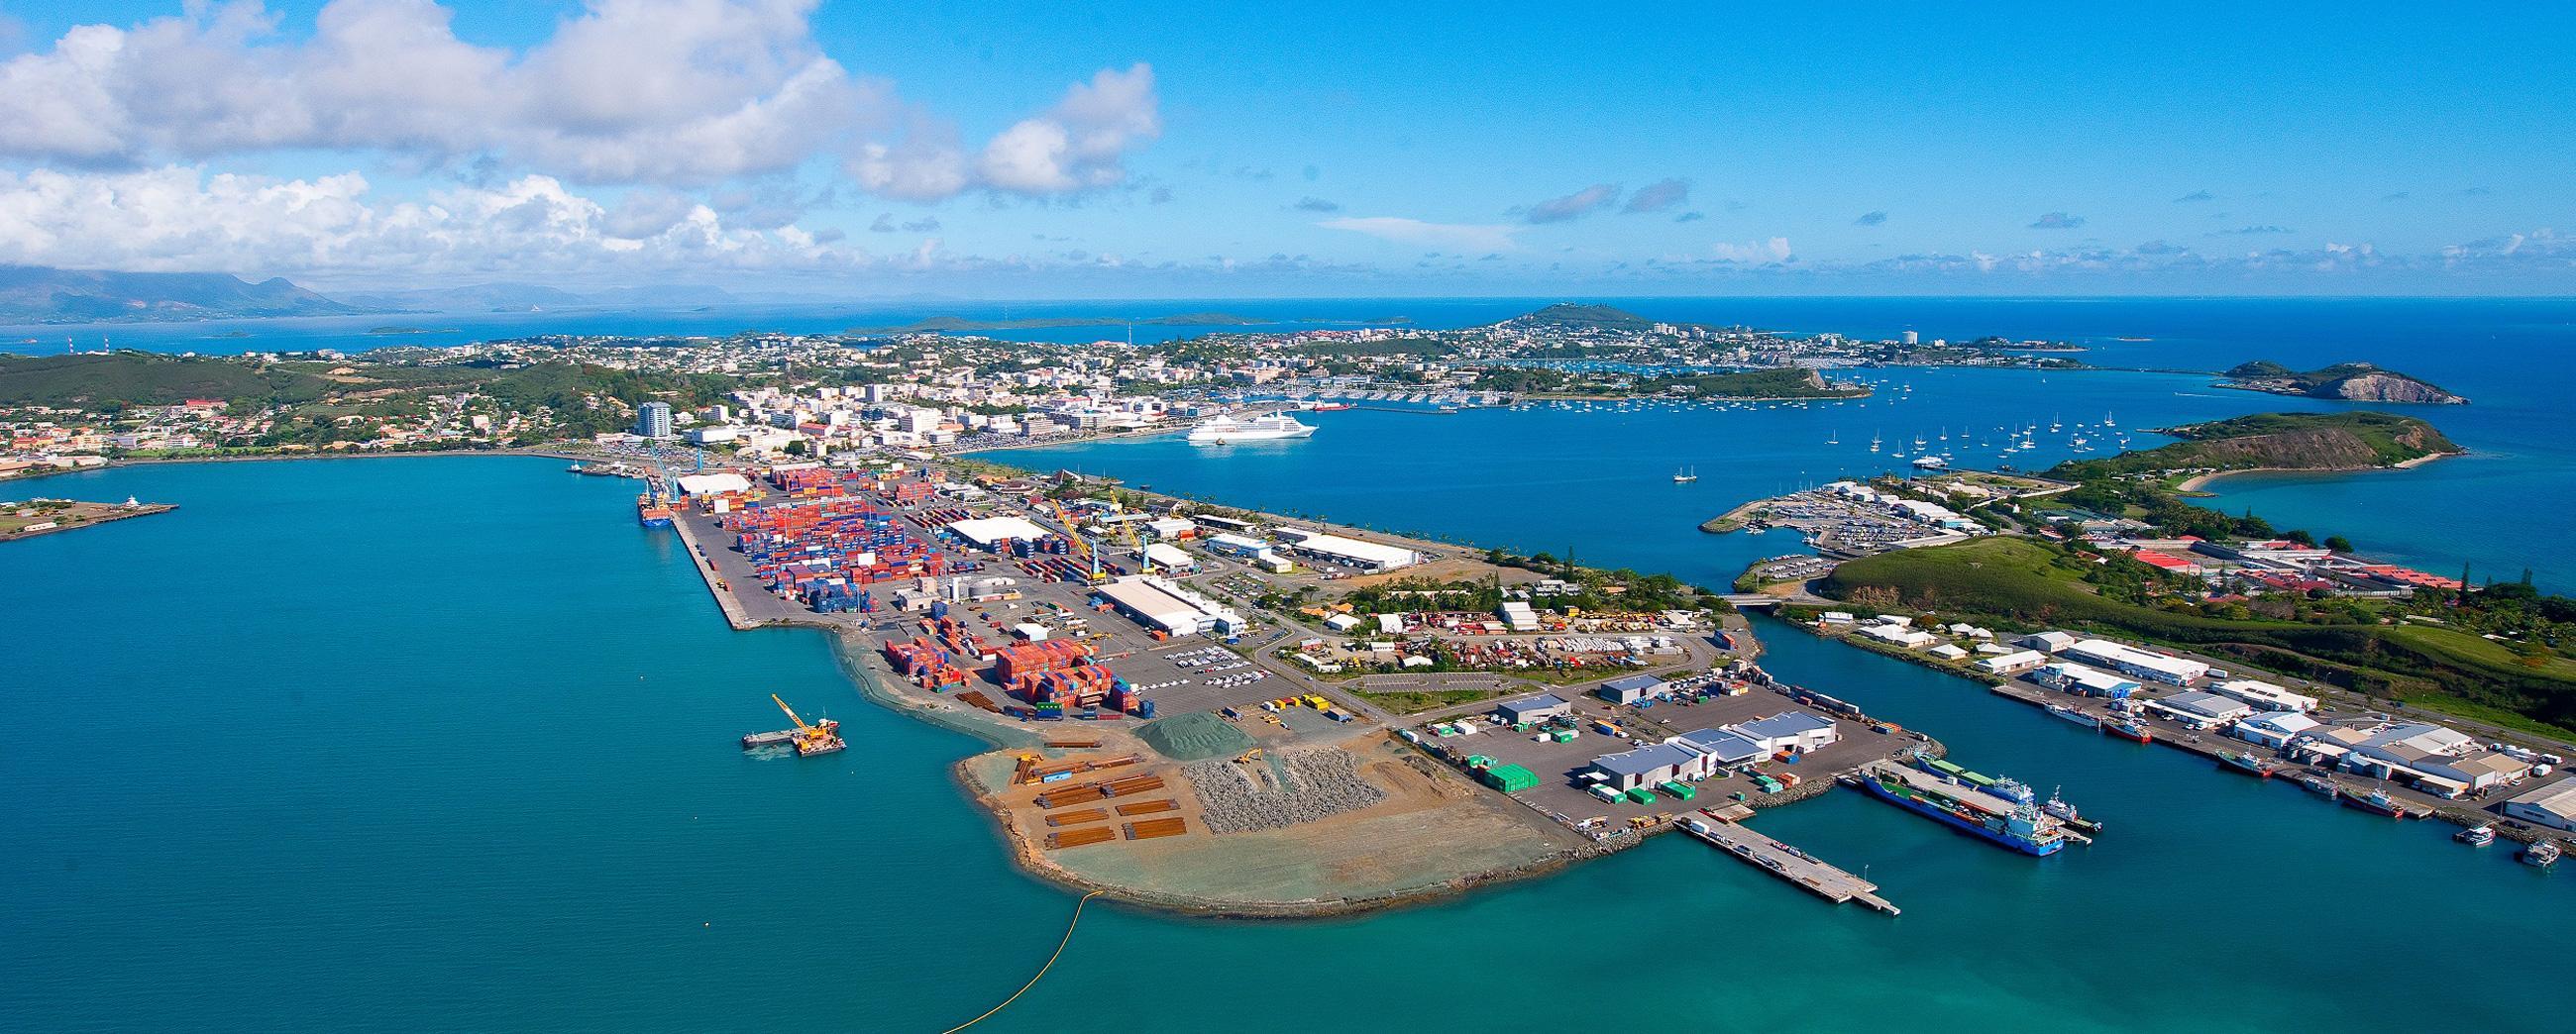 En Nouvelle-Calédonie, les problèmes de fret font craindre une hausse des prix voire une pénurie